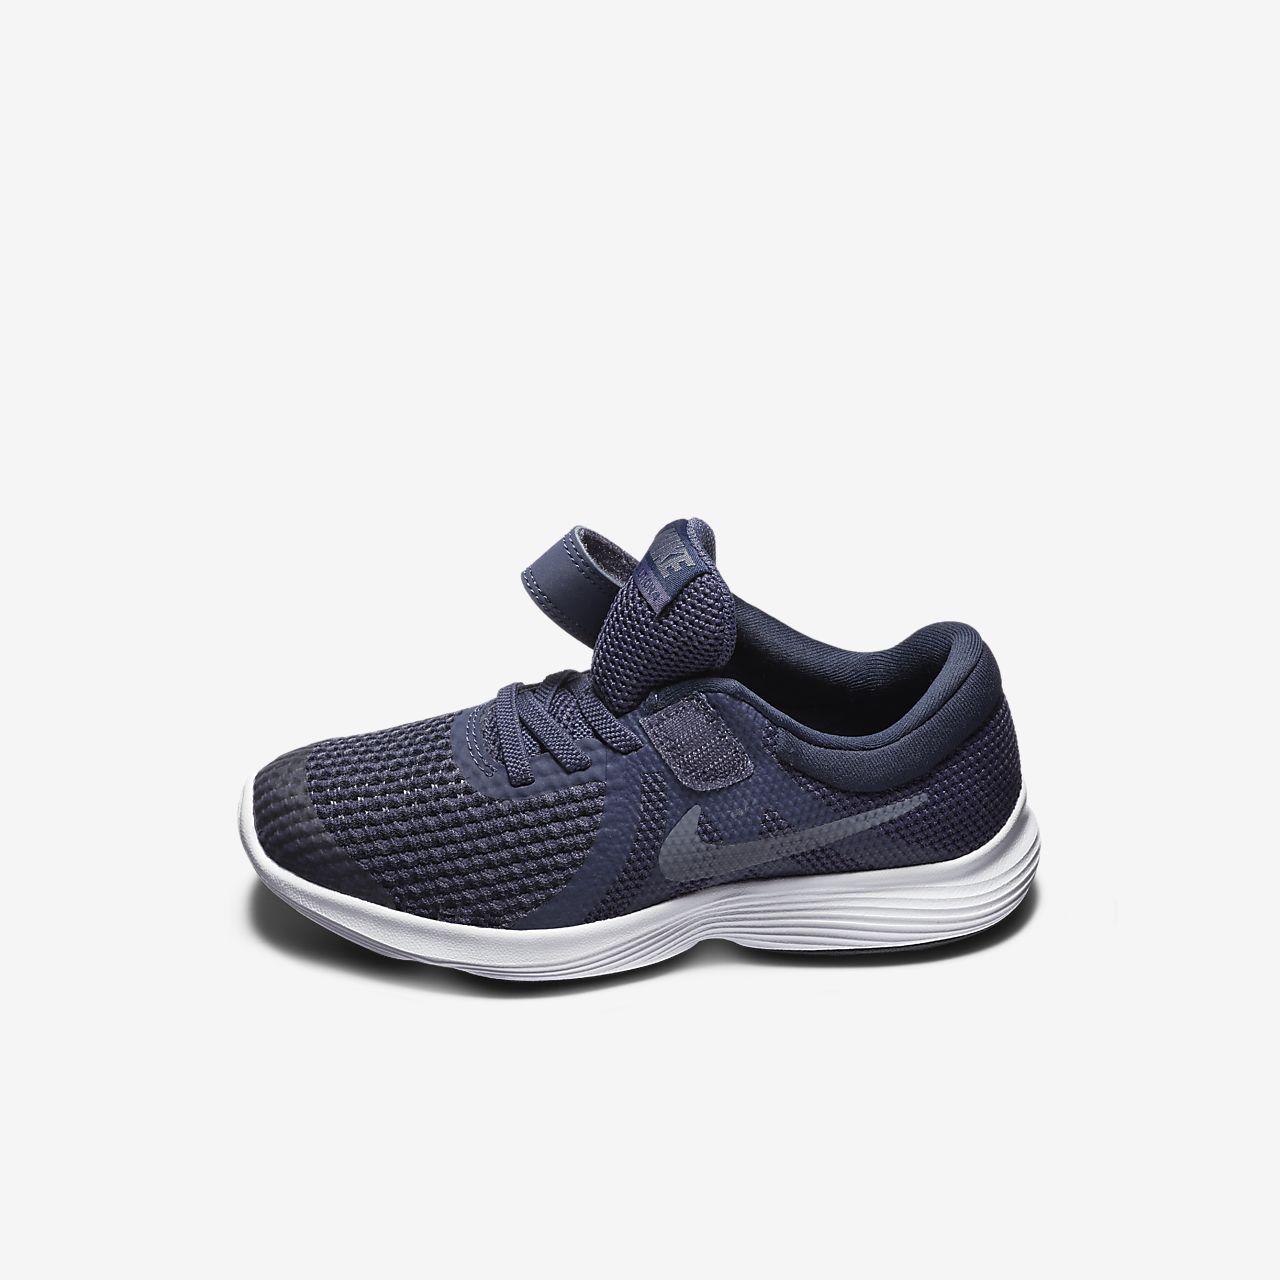 ea6b6a255167 Nike Revolution 4 Younger Kids  Shoe. Nike.com AU